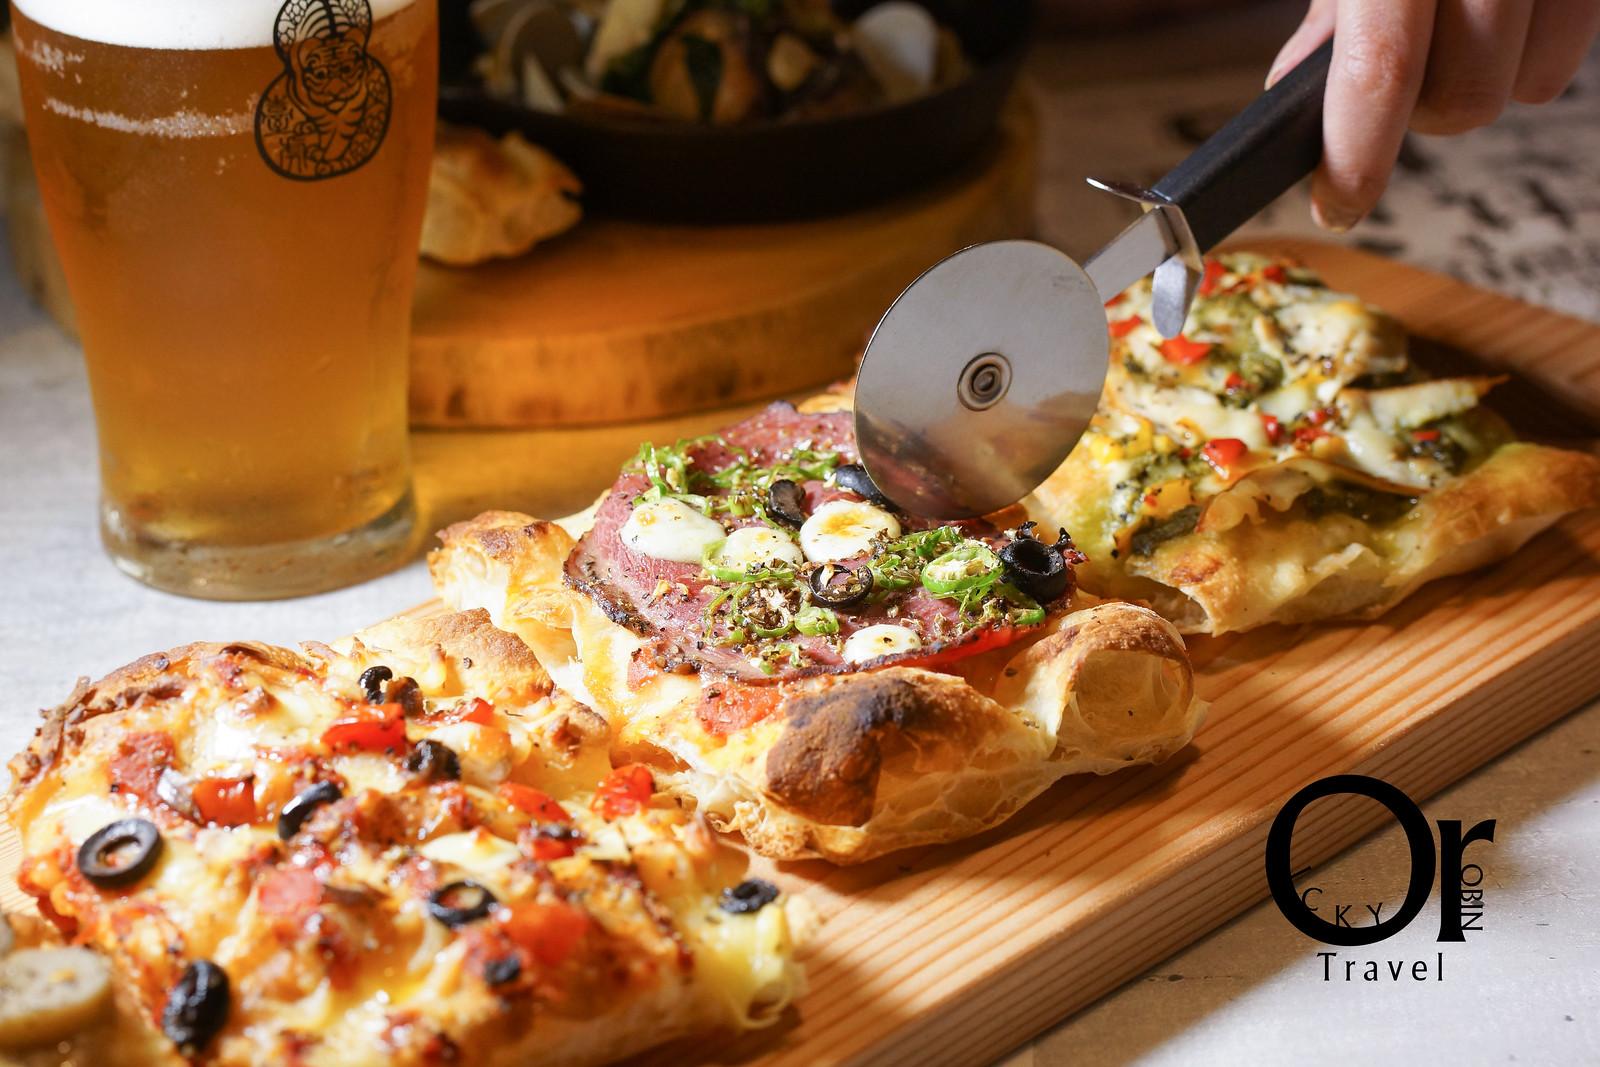 市府松菸│紐約正夯的羅馬蜂巢Pizza台灣也吃的到囉!還有多款Pizza餅皮衍生的料理、餐酒館等級下酒菜、臺虎精釀啤酒,榮登歐奇近期聚餐新歡餐廳|PiZZAHOOD披薩樹